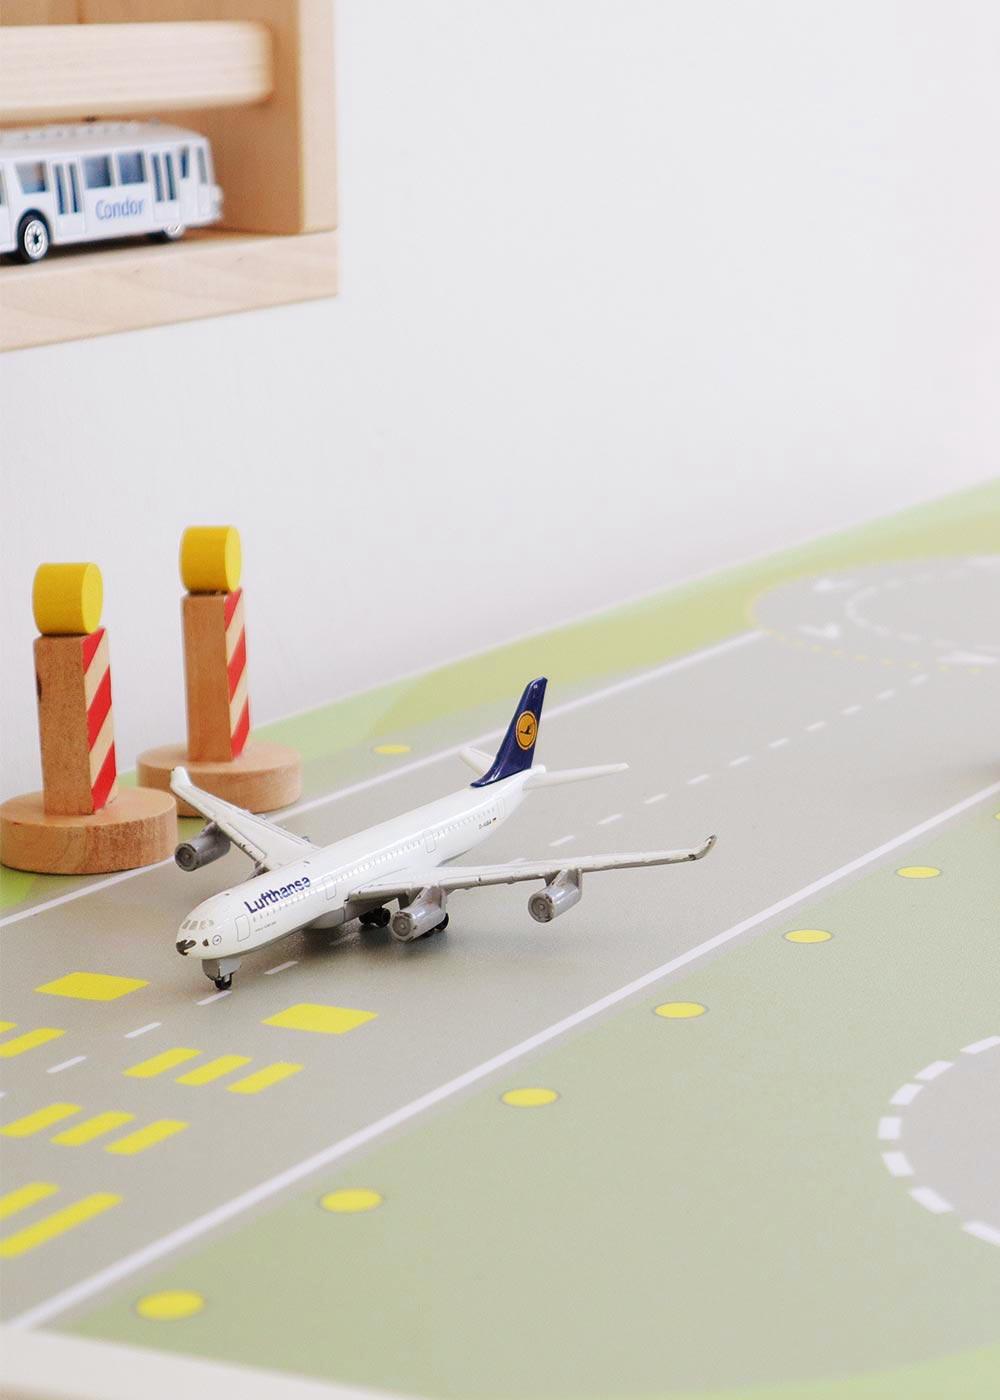 Ikea Dundra Spieltisch Landebahn Teilansicht Flugzeug